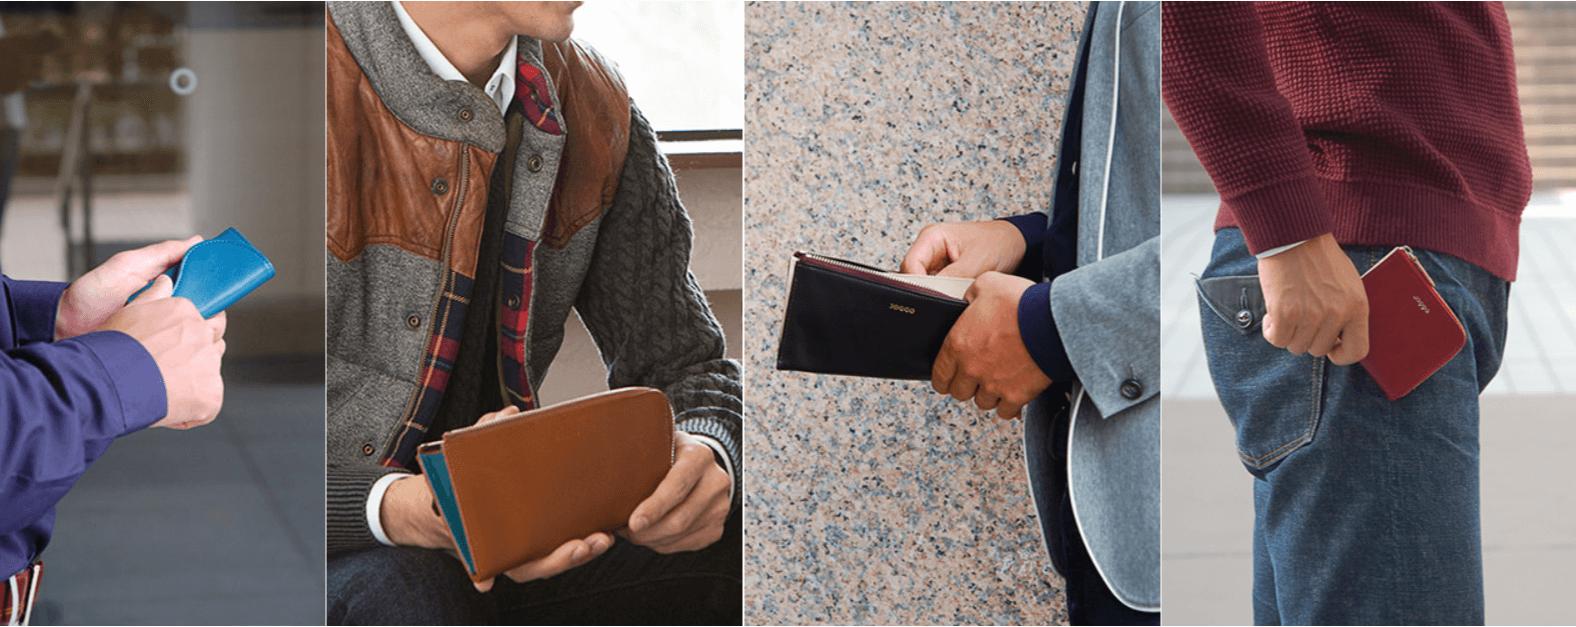 どんな財布が似合う?